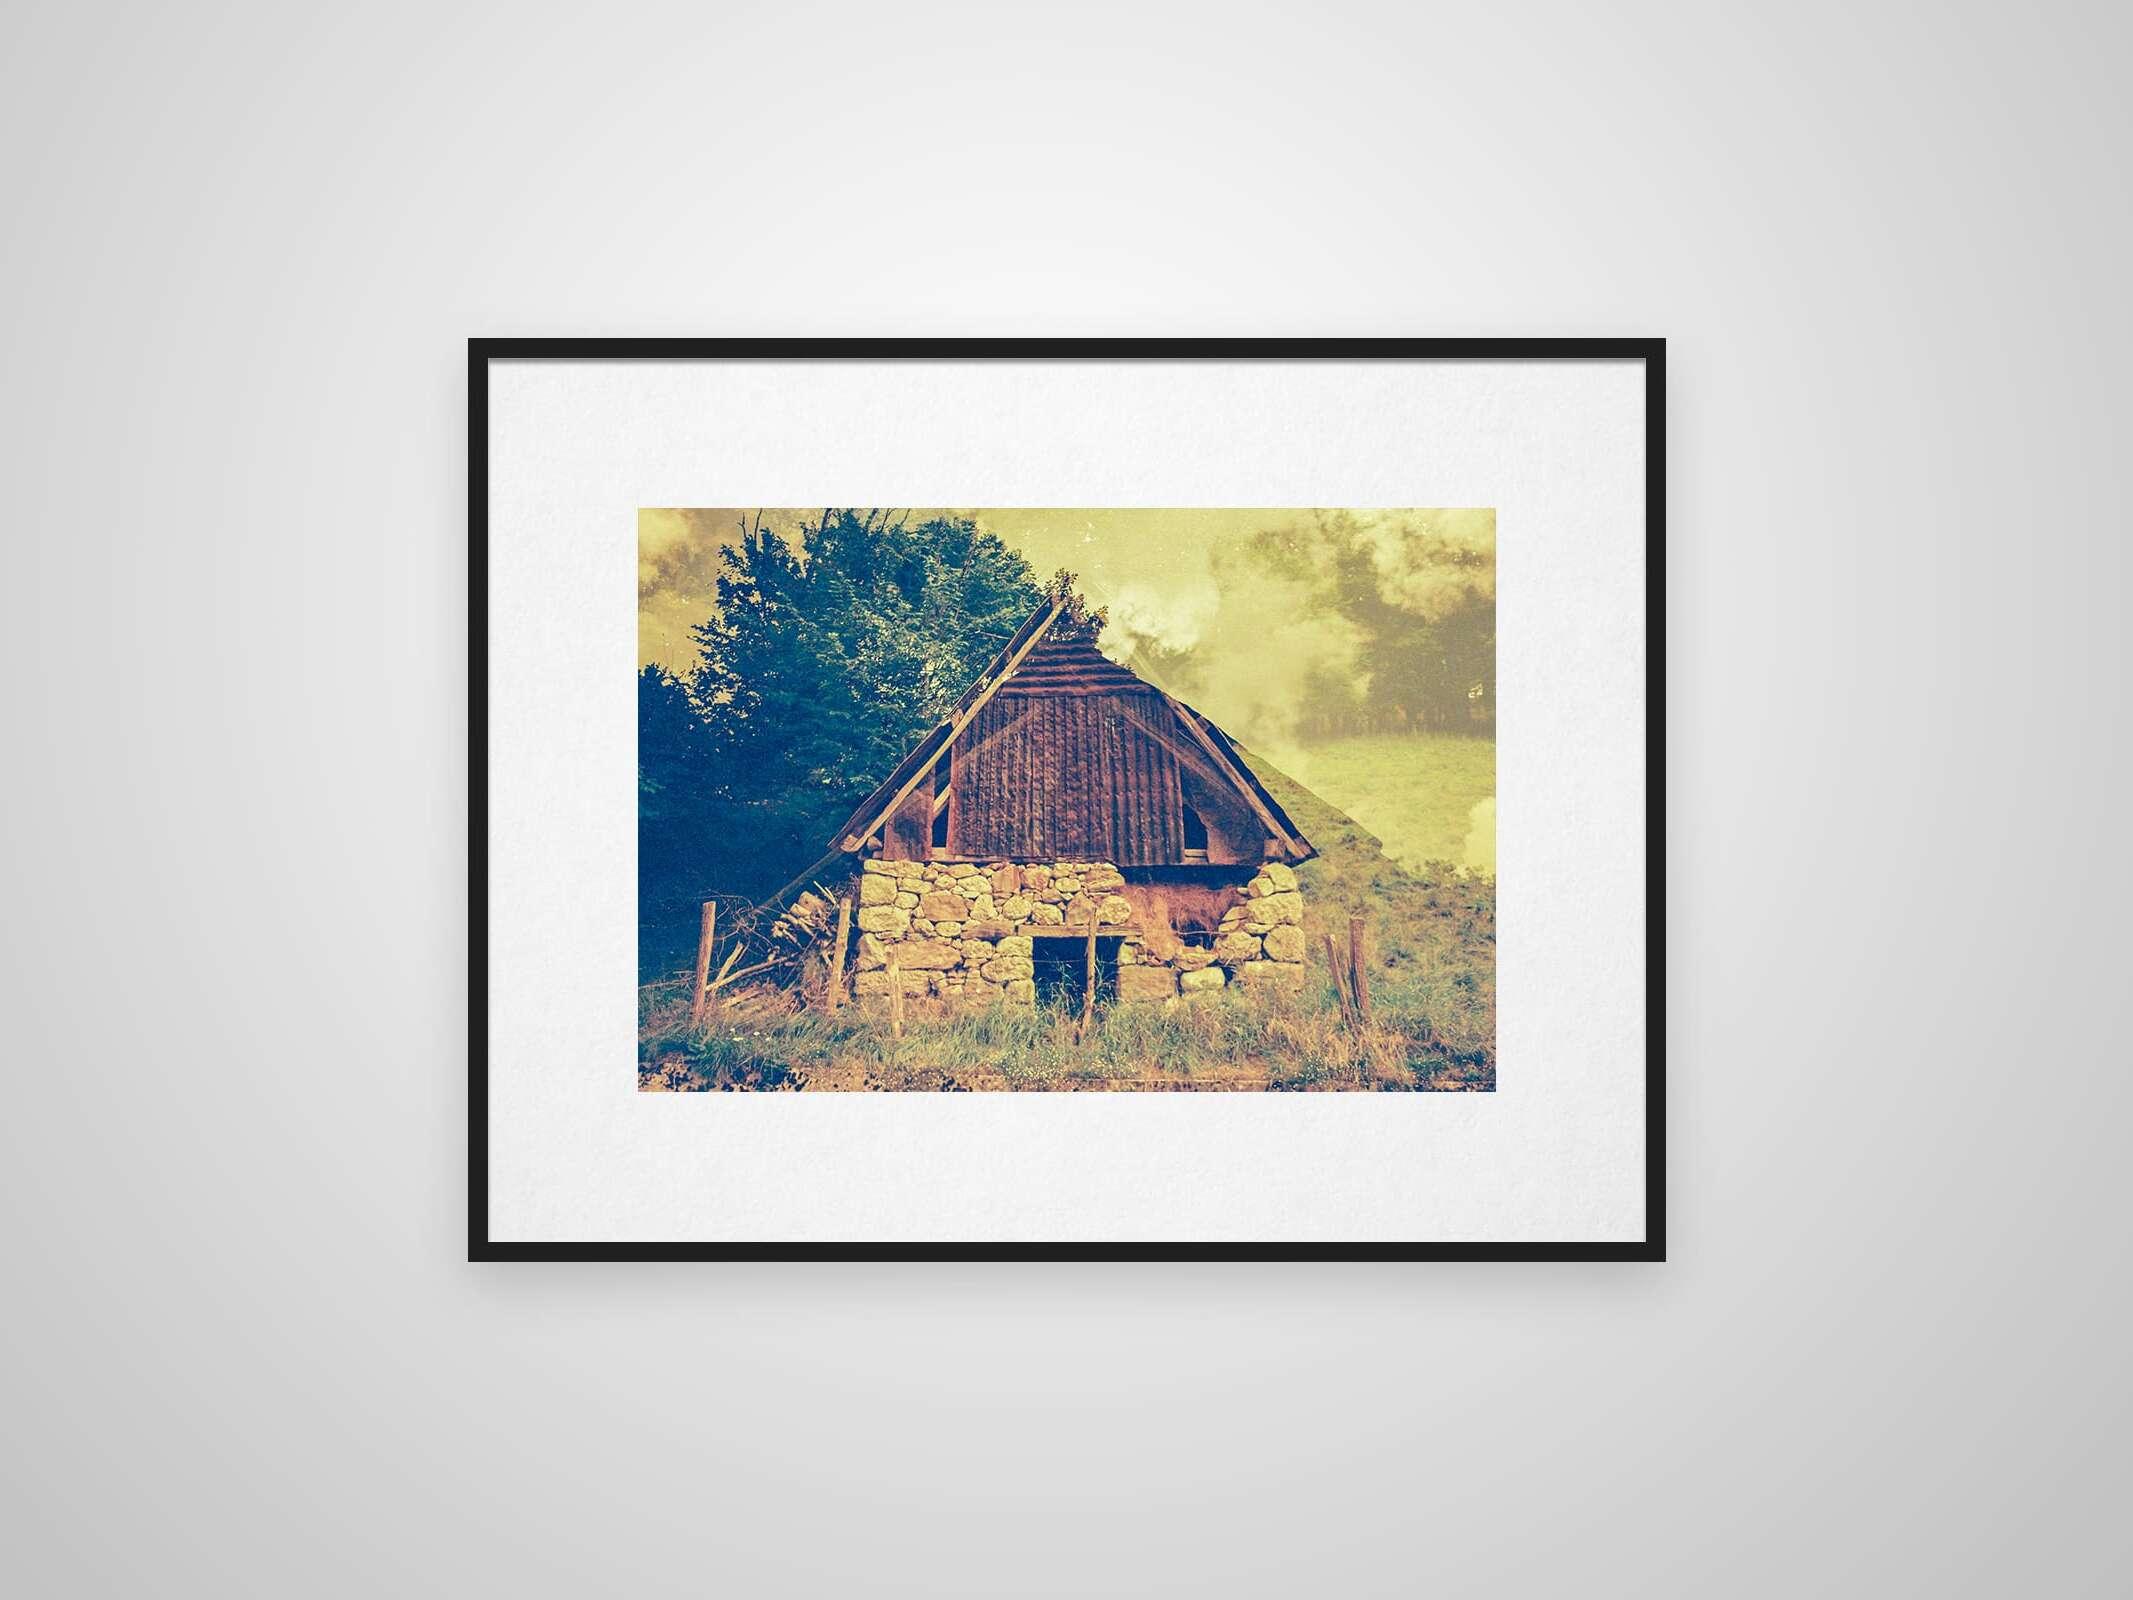 Mehrfachbelichtung einer slowenischen Hütte in einem Rahmen an der Wand